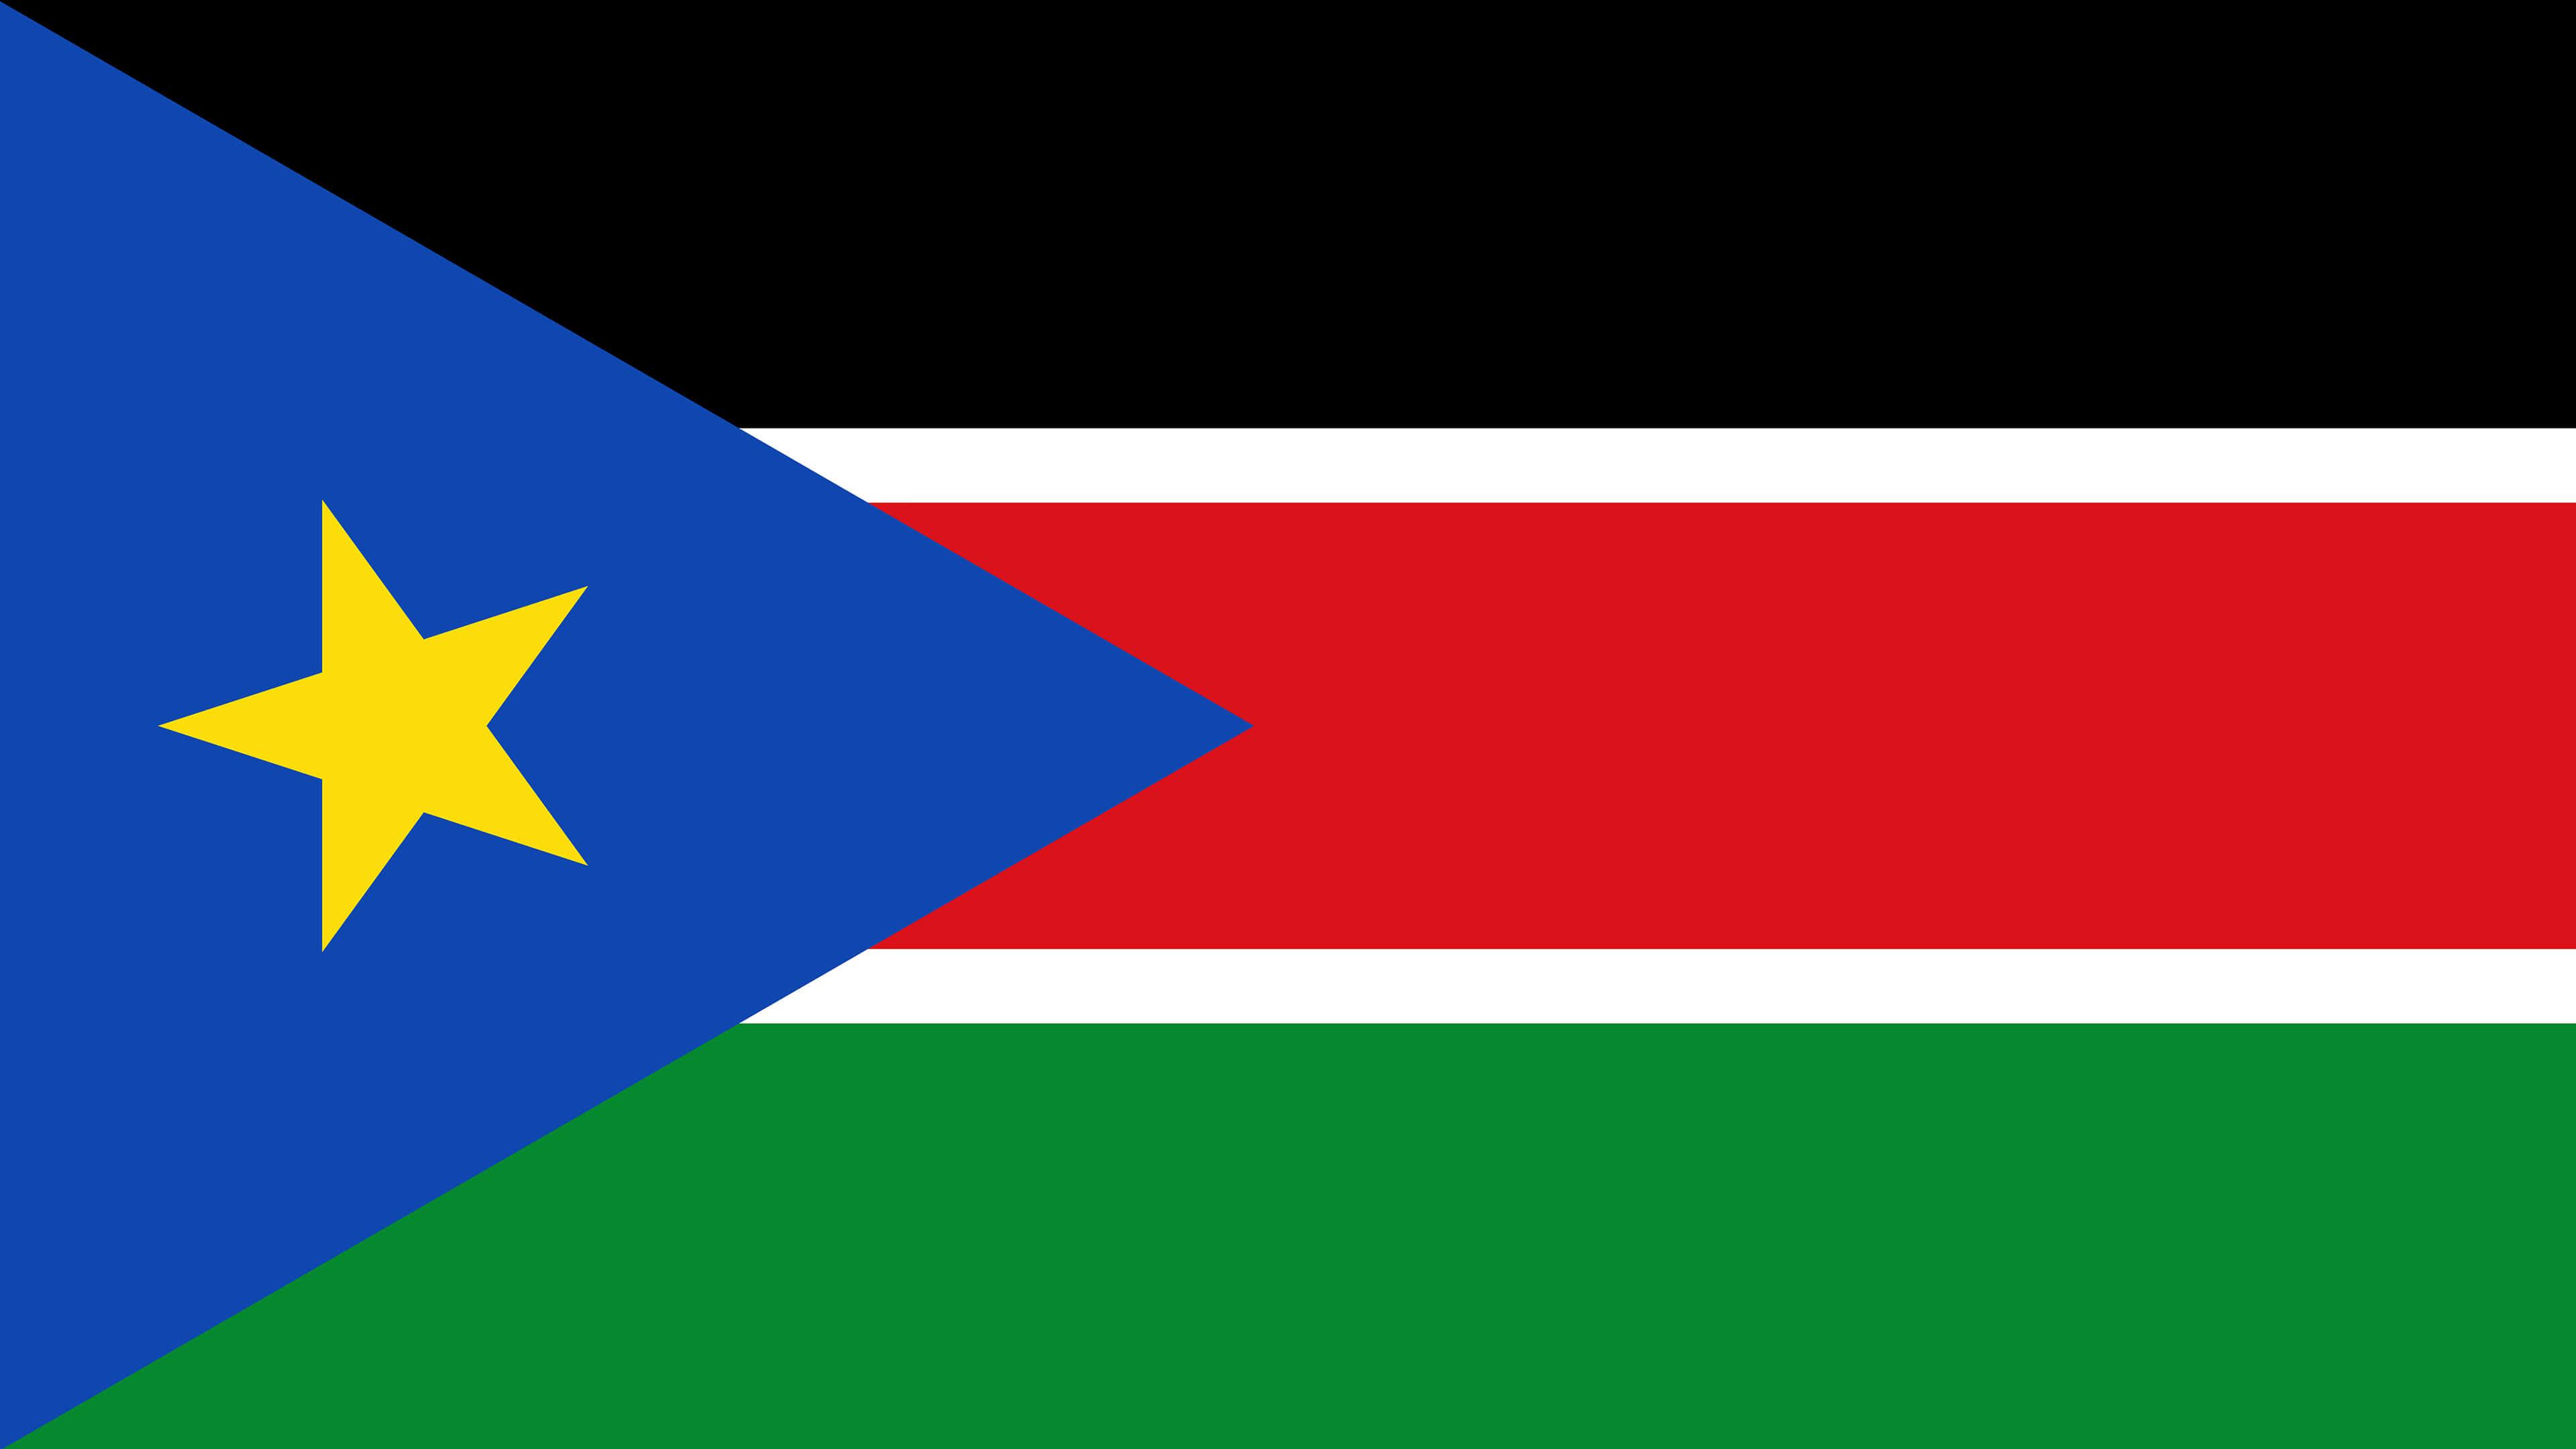 South Sudan Flag UHD 4K Wallpaper Pixelz 3840x2160